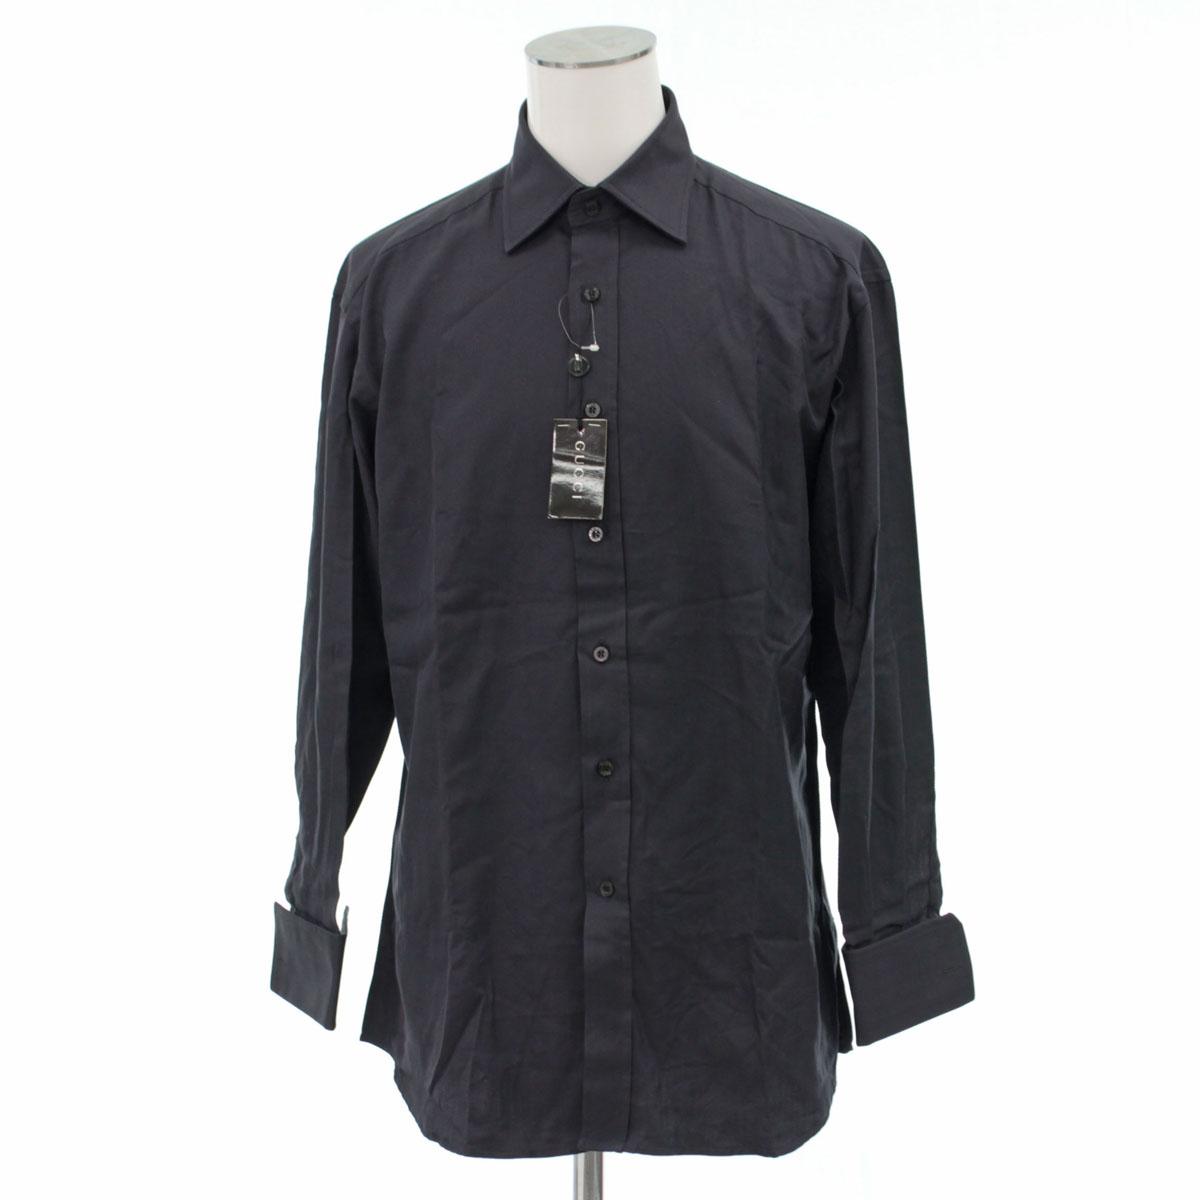 【中古】【タグ付き 未使用品】GUCCI グッチ 長袖ドレスシャツ サイズ40 メンズ 綿 グレー 20713-CH1901